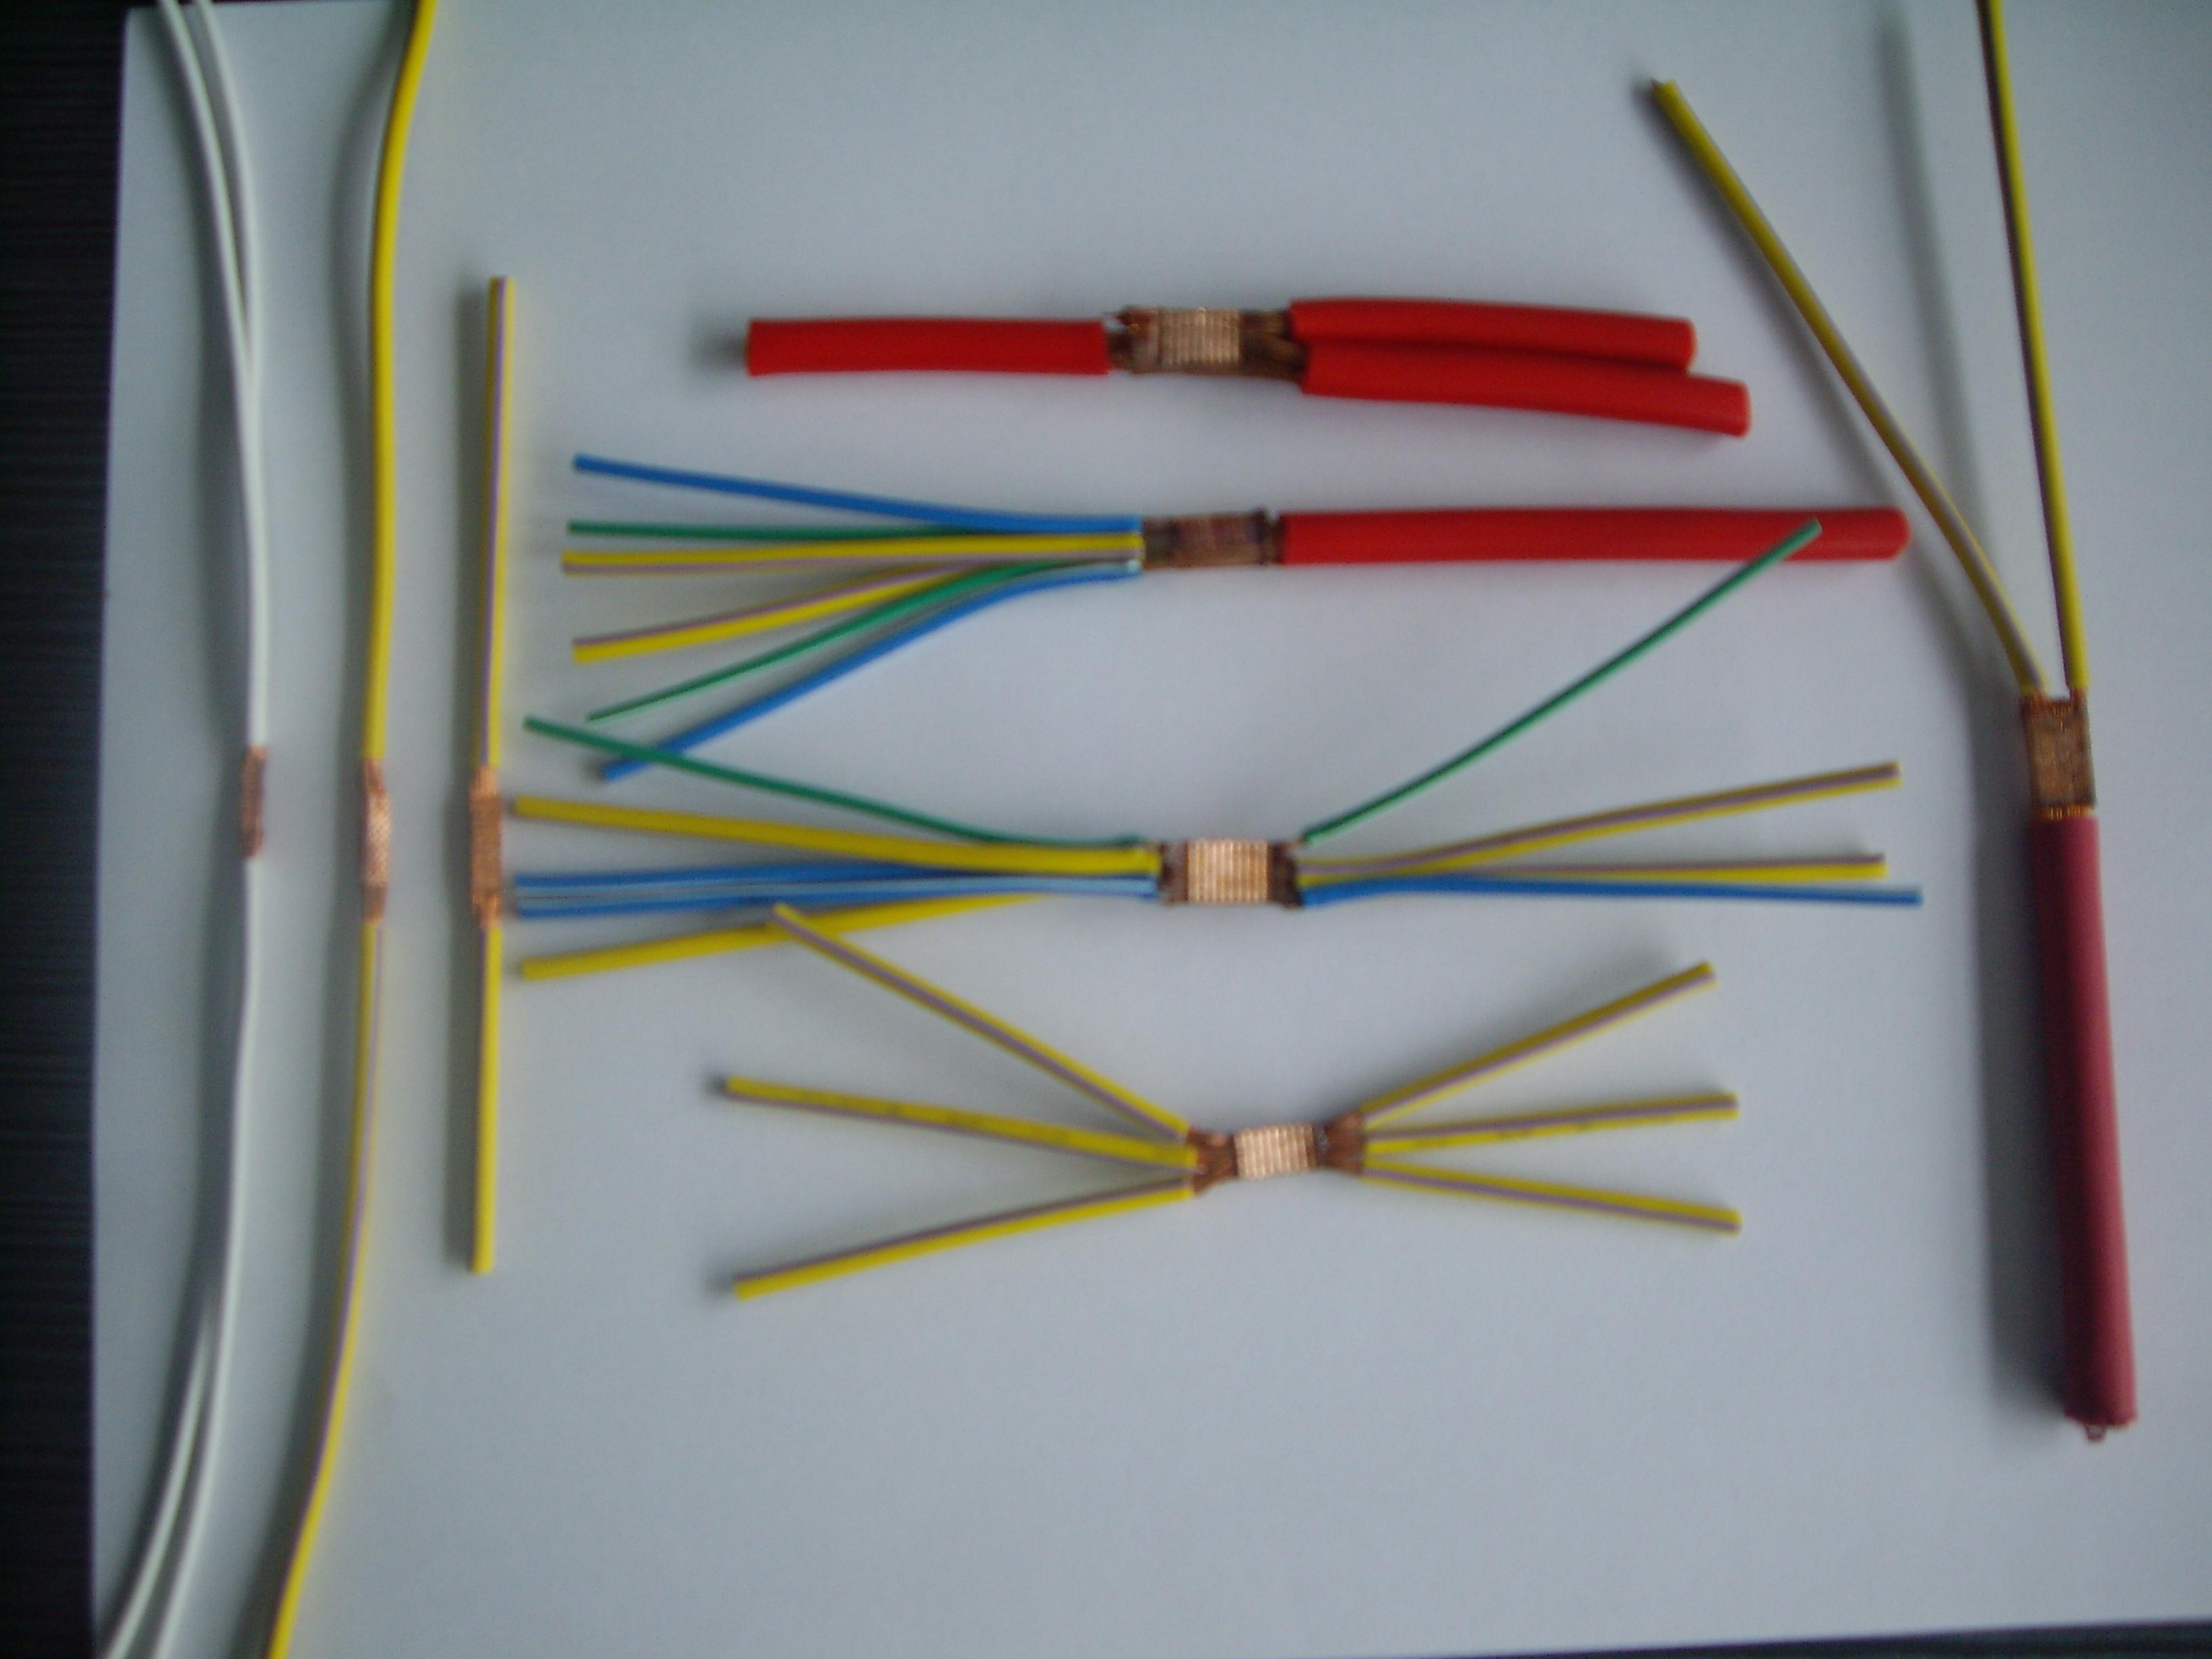 单股+多股,多股+多股)等材料的超声波焊接